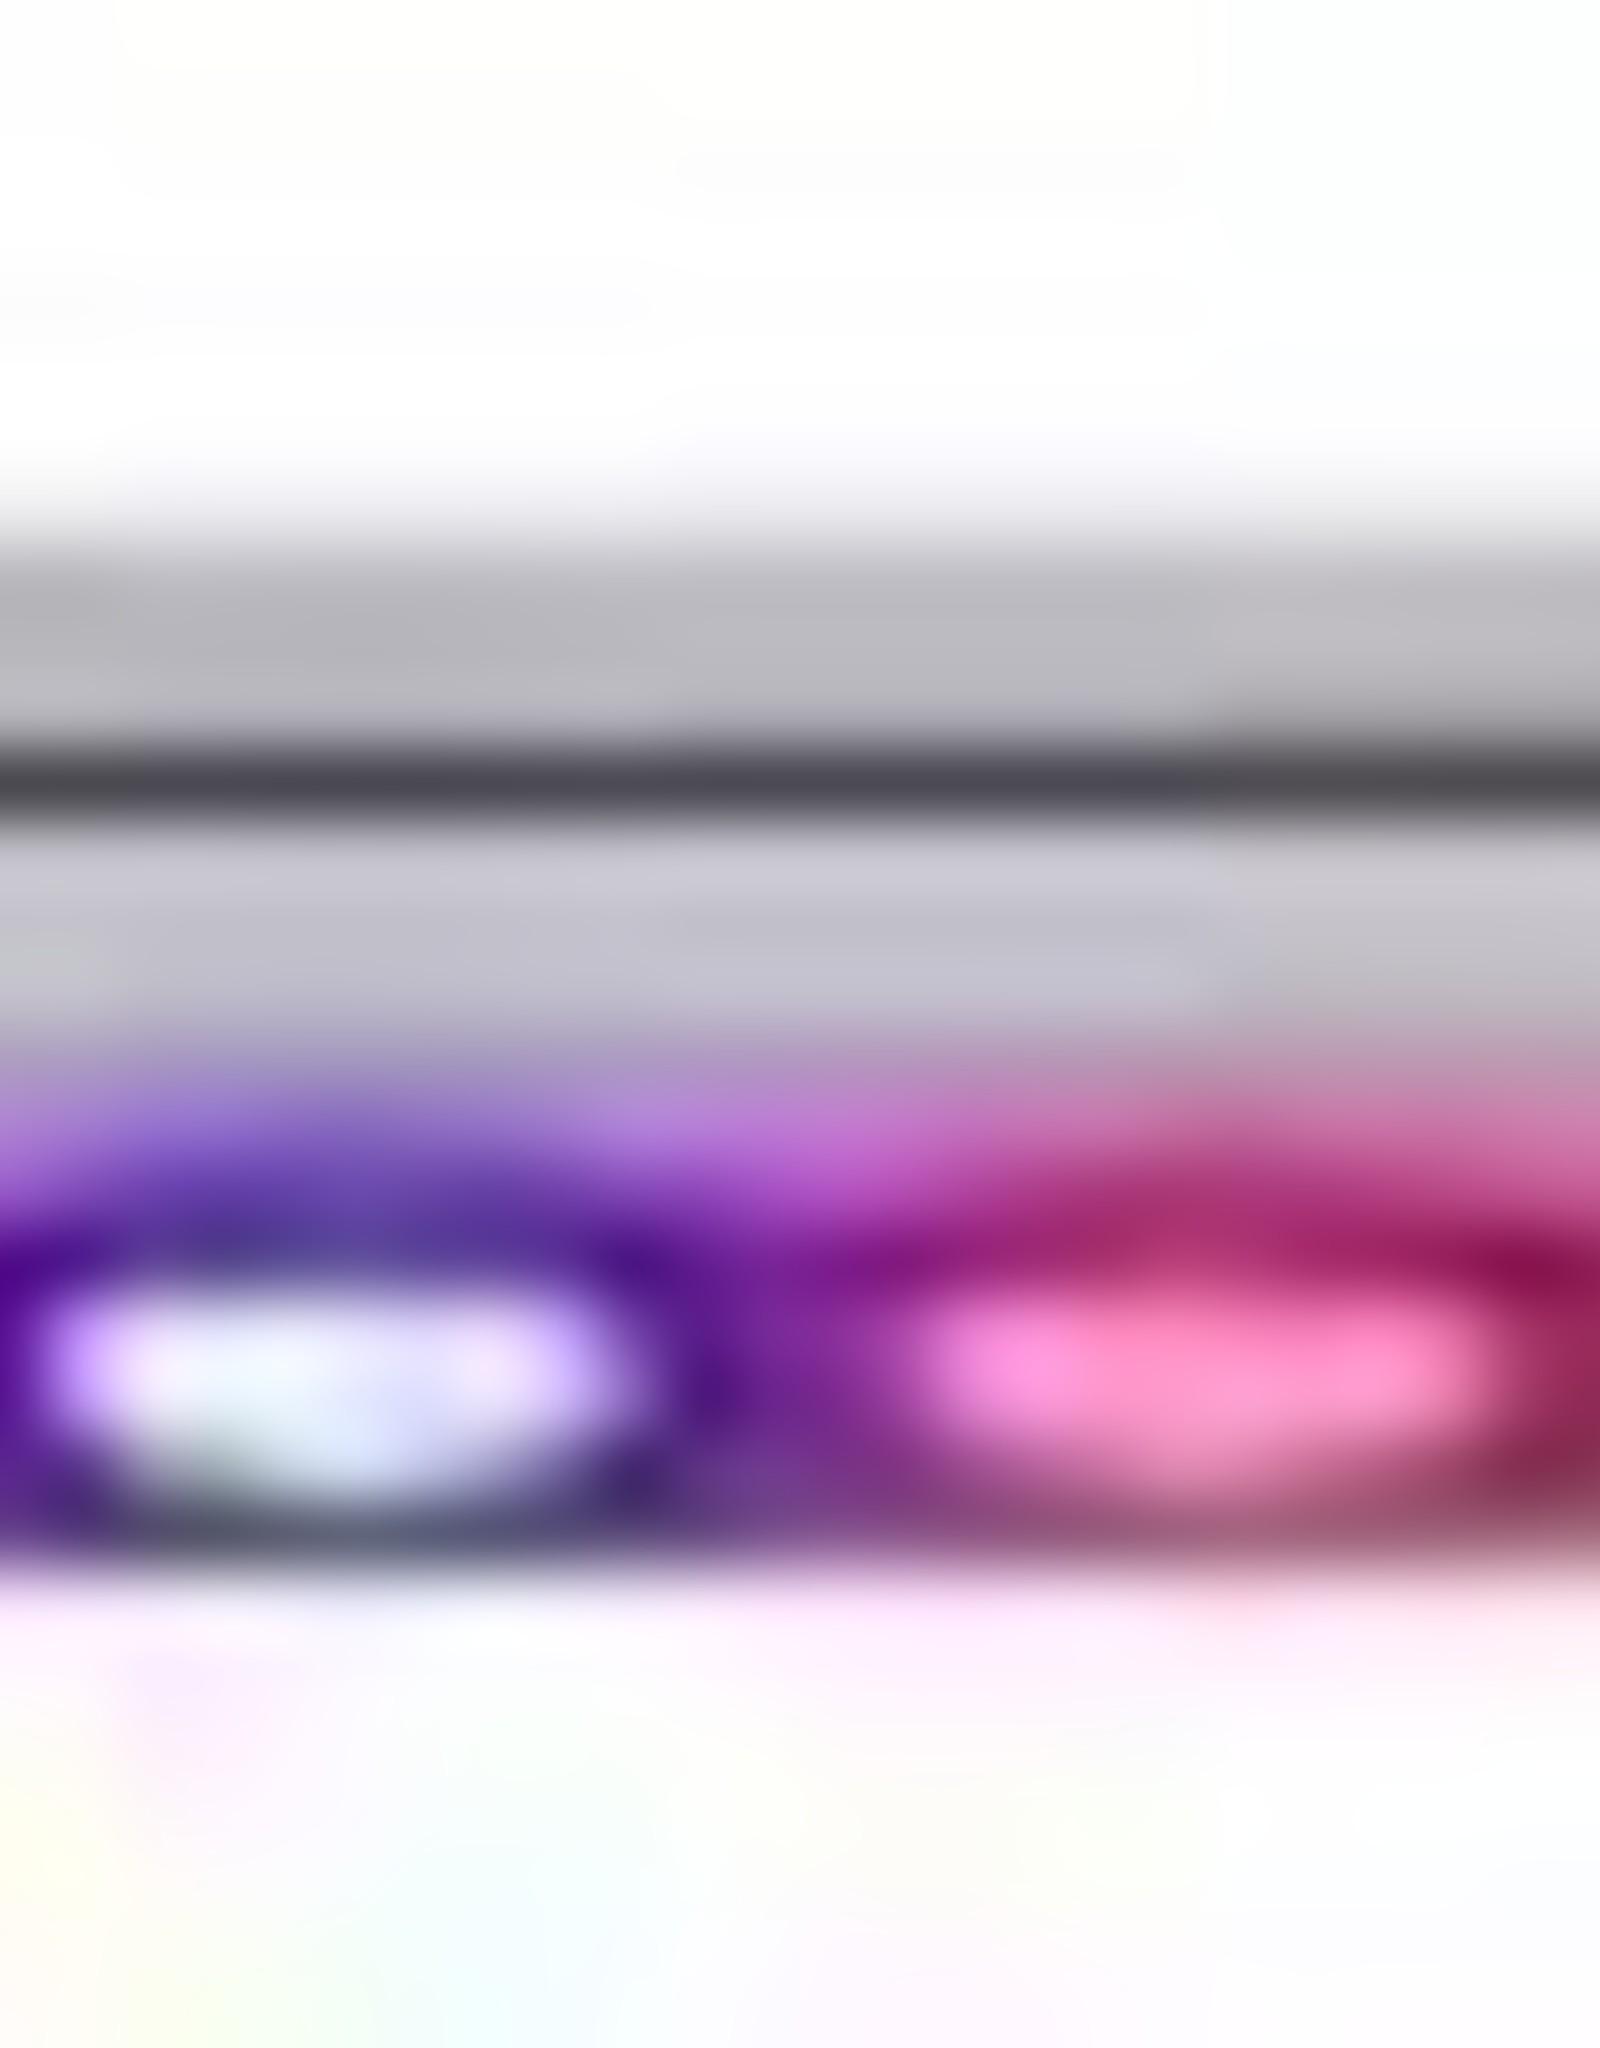 AGRO LED AgroLED 108 Dio-Watt Bloom Supplemental Rail 120 - 240 Volt 120° Optics